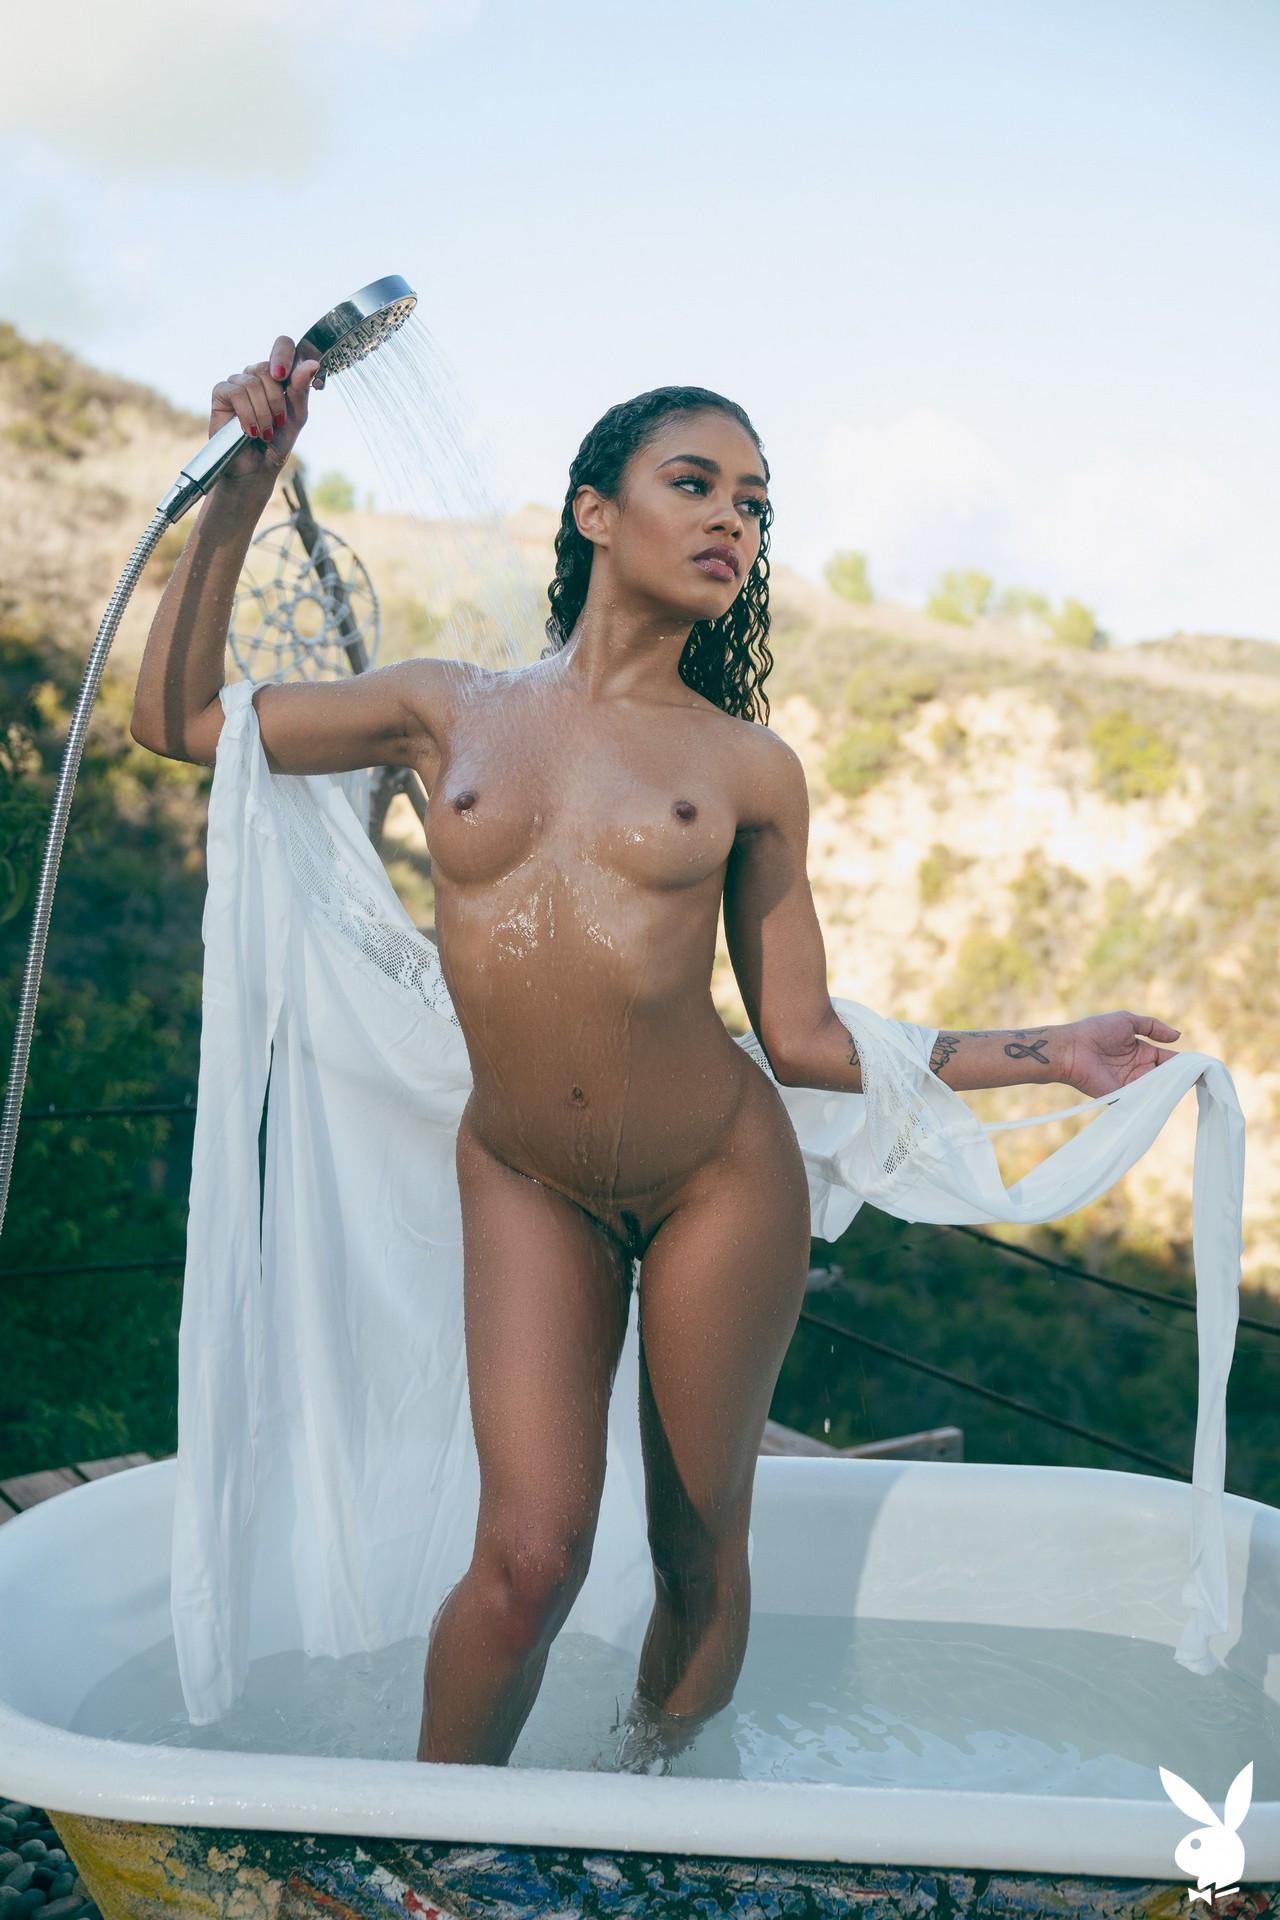 Scarlit Scandal In Awakening Playboy Plus (24)